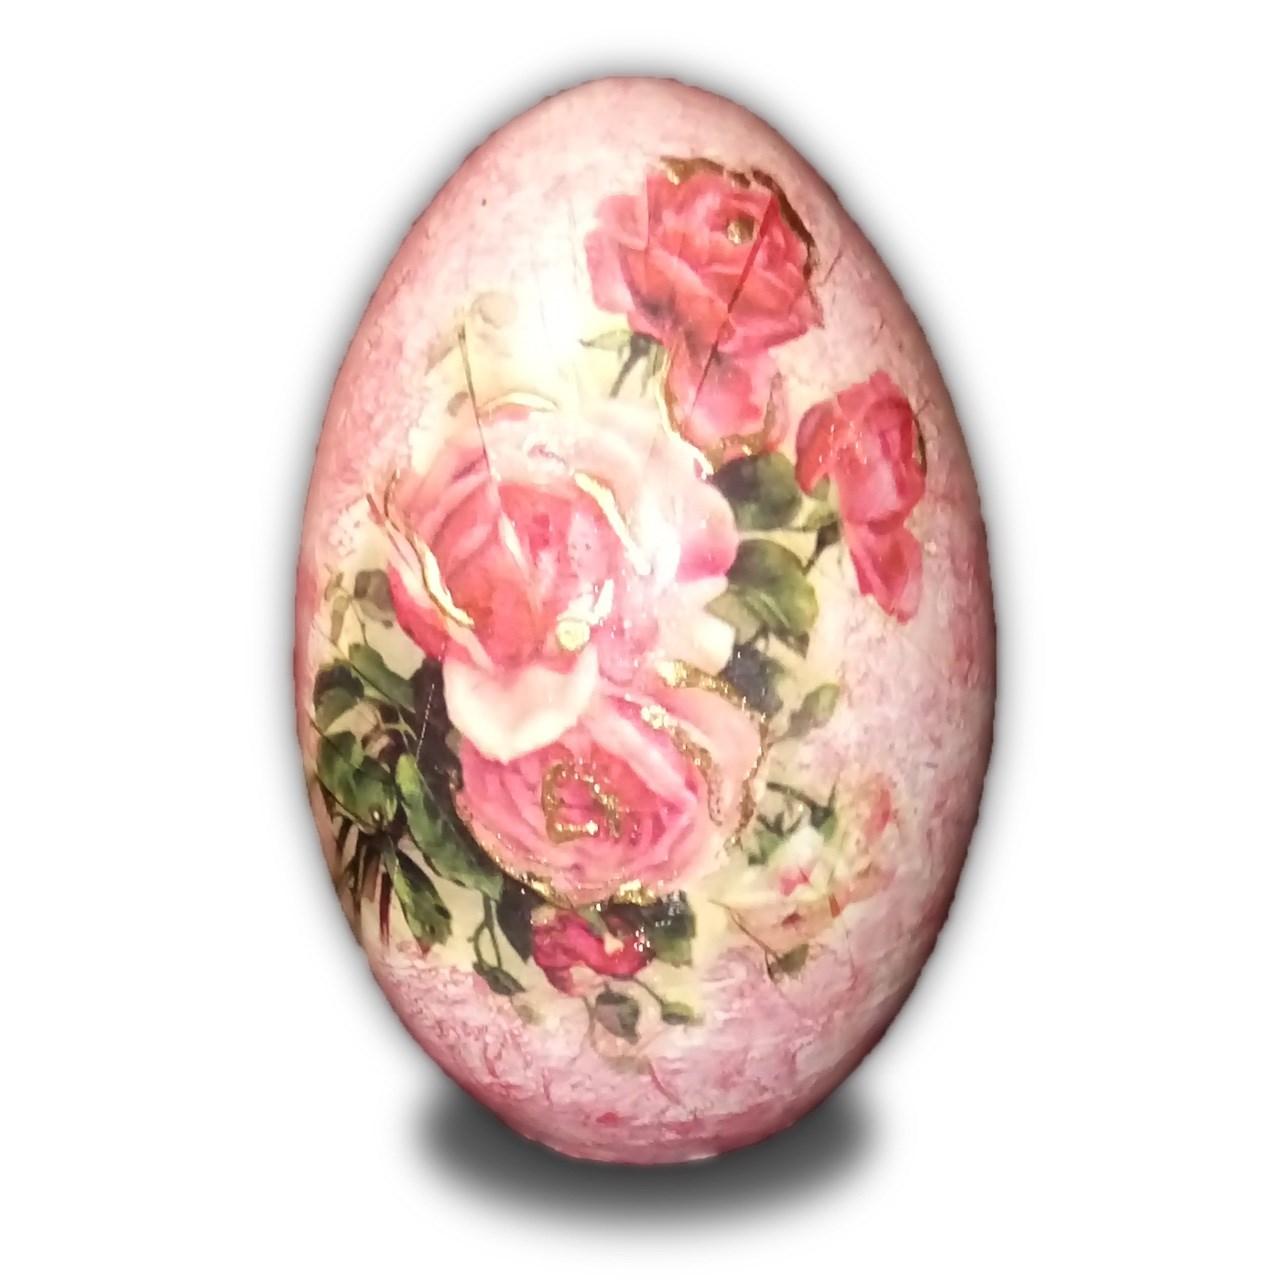 تخم شتر مرغ تزیینی آفتاب شب کد1